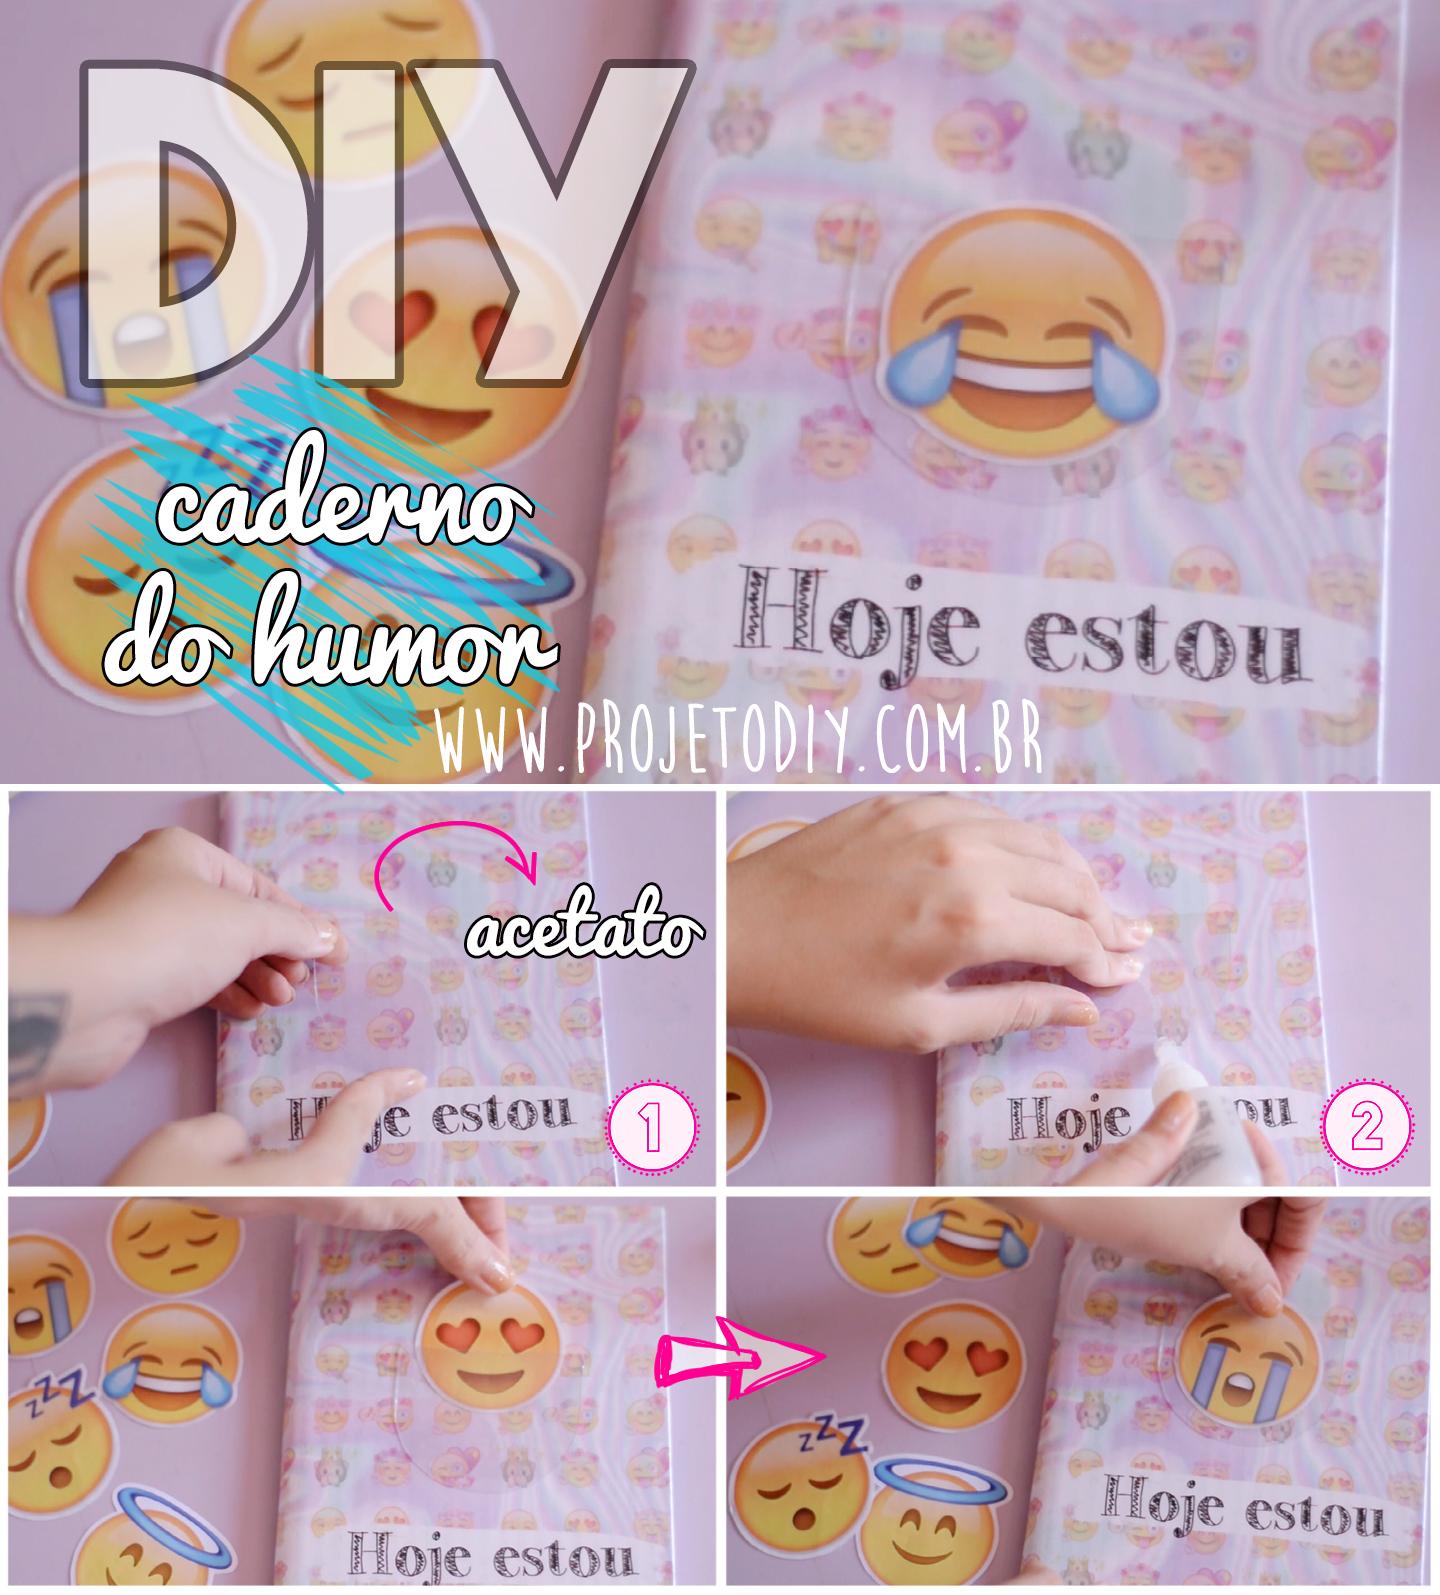 caderno de emoji - caderno do humor